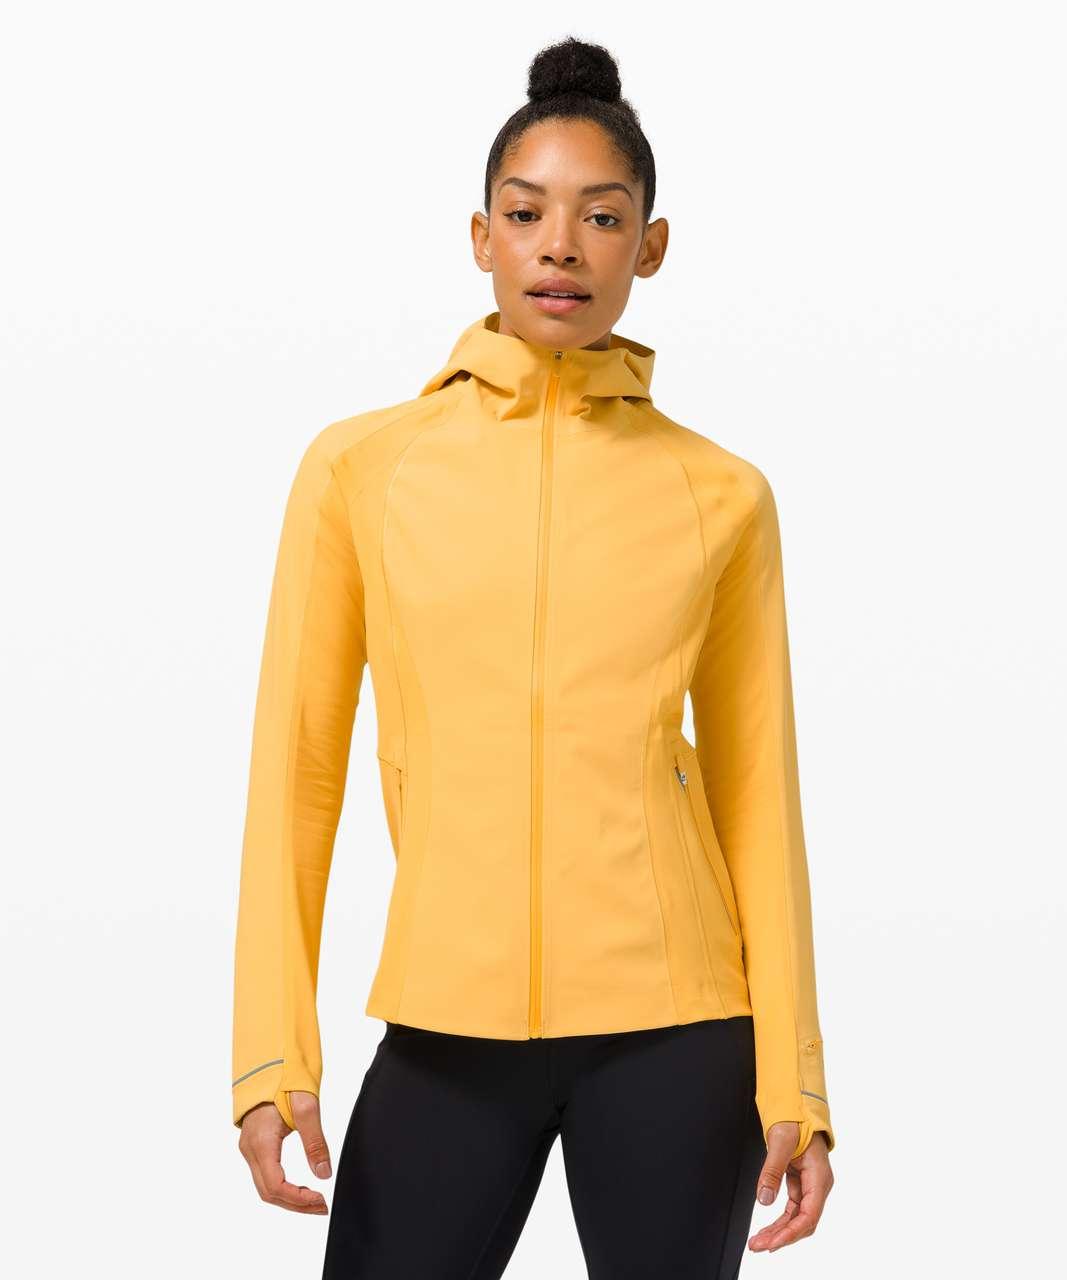 Lululemon Cross Chill Jacket - Wheat Yellow